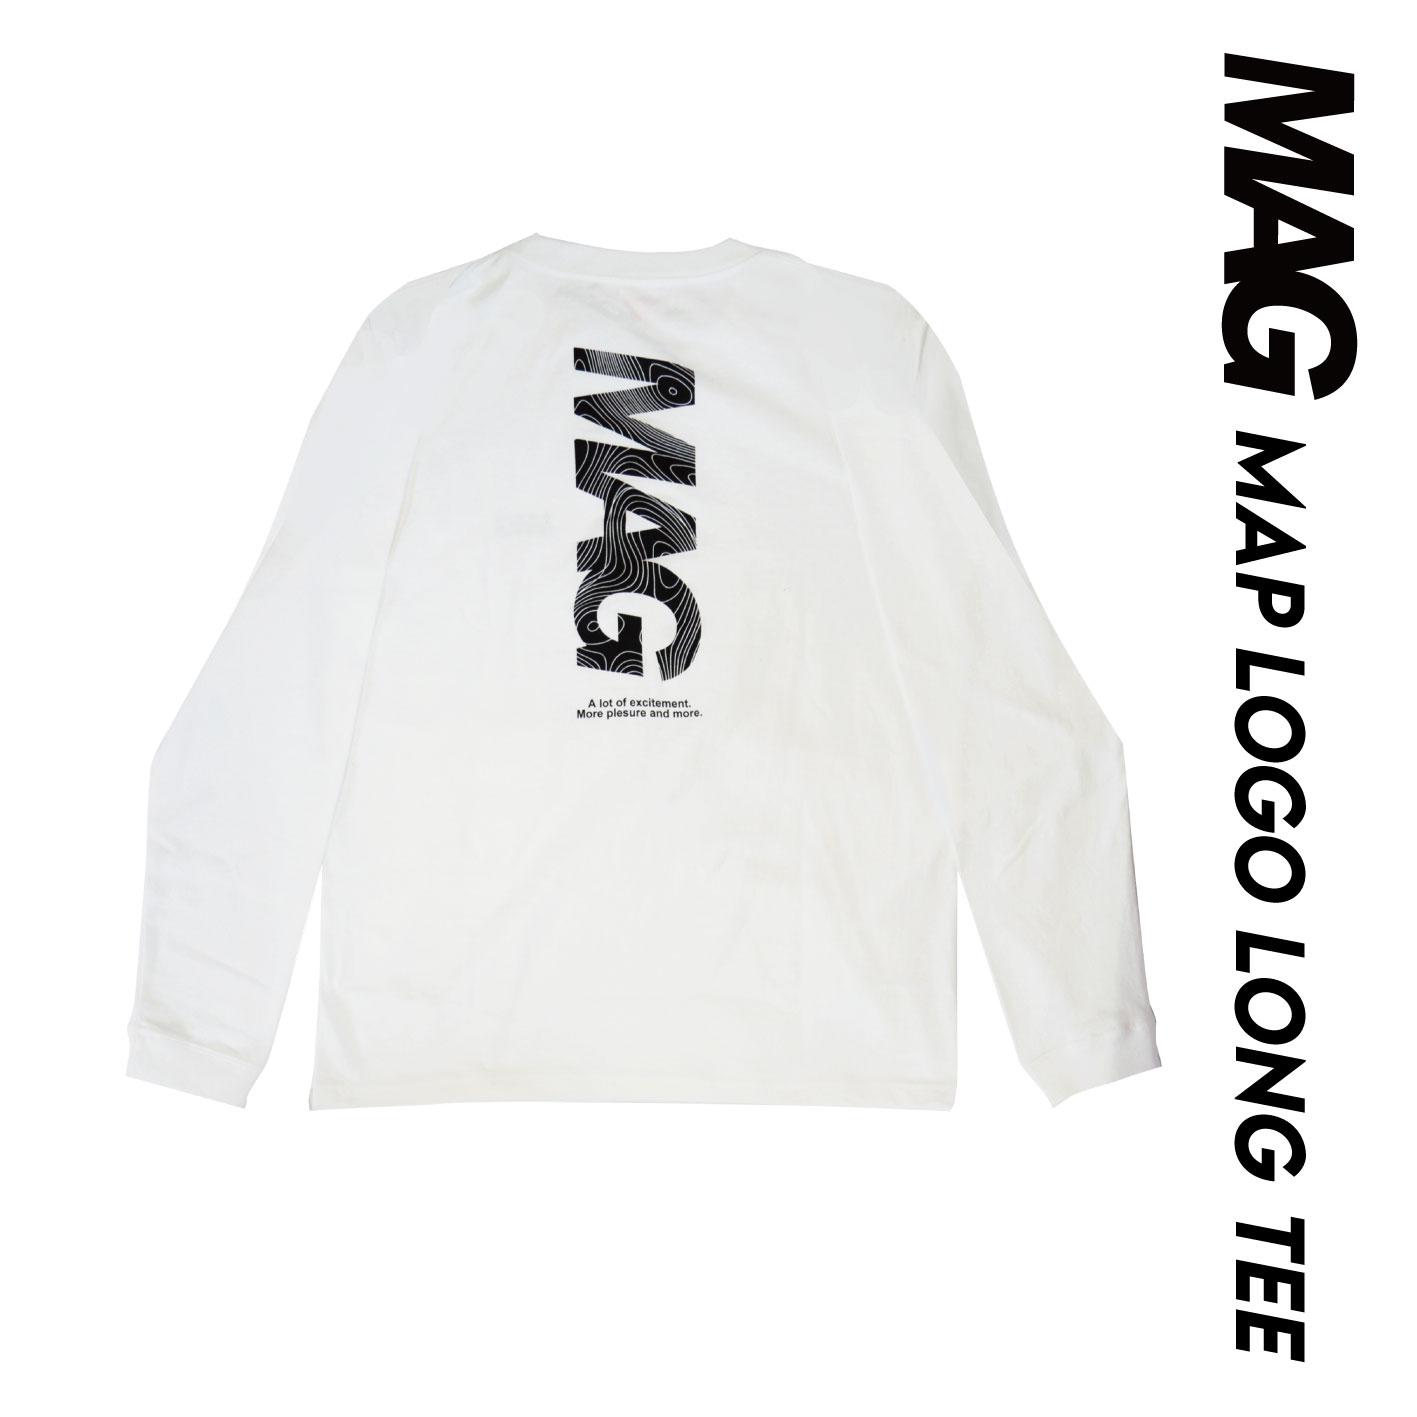 MBG41--07